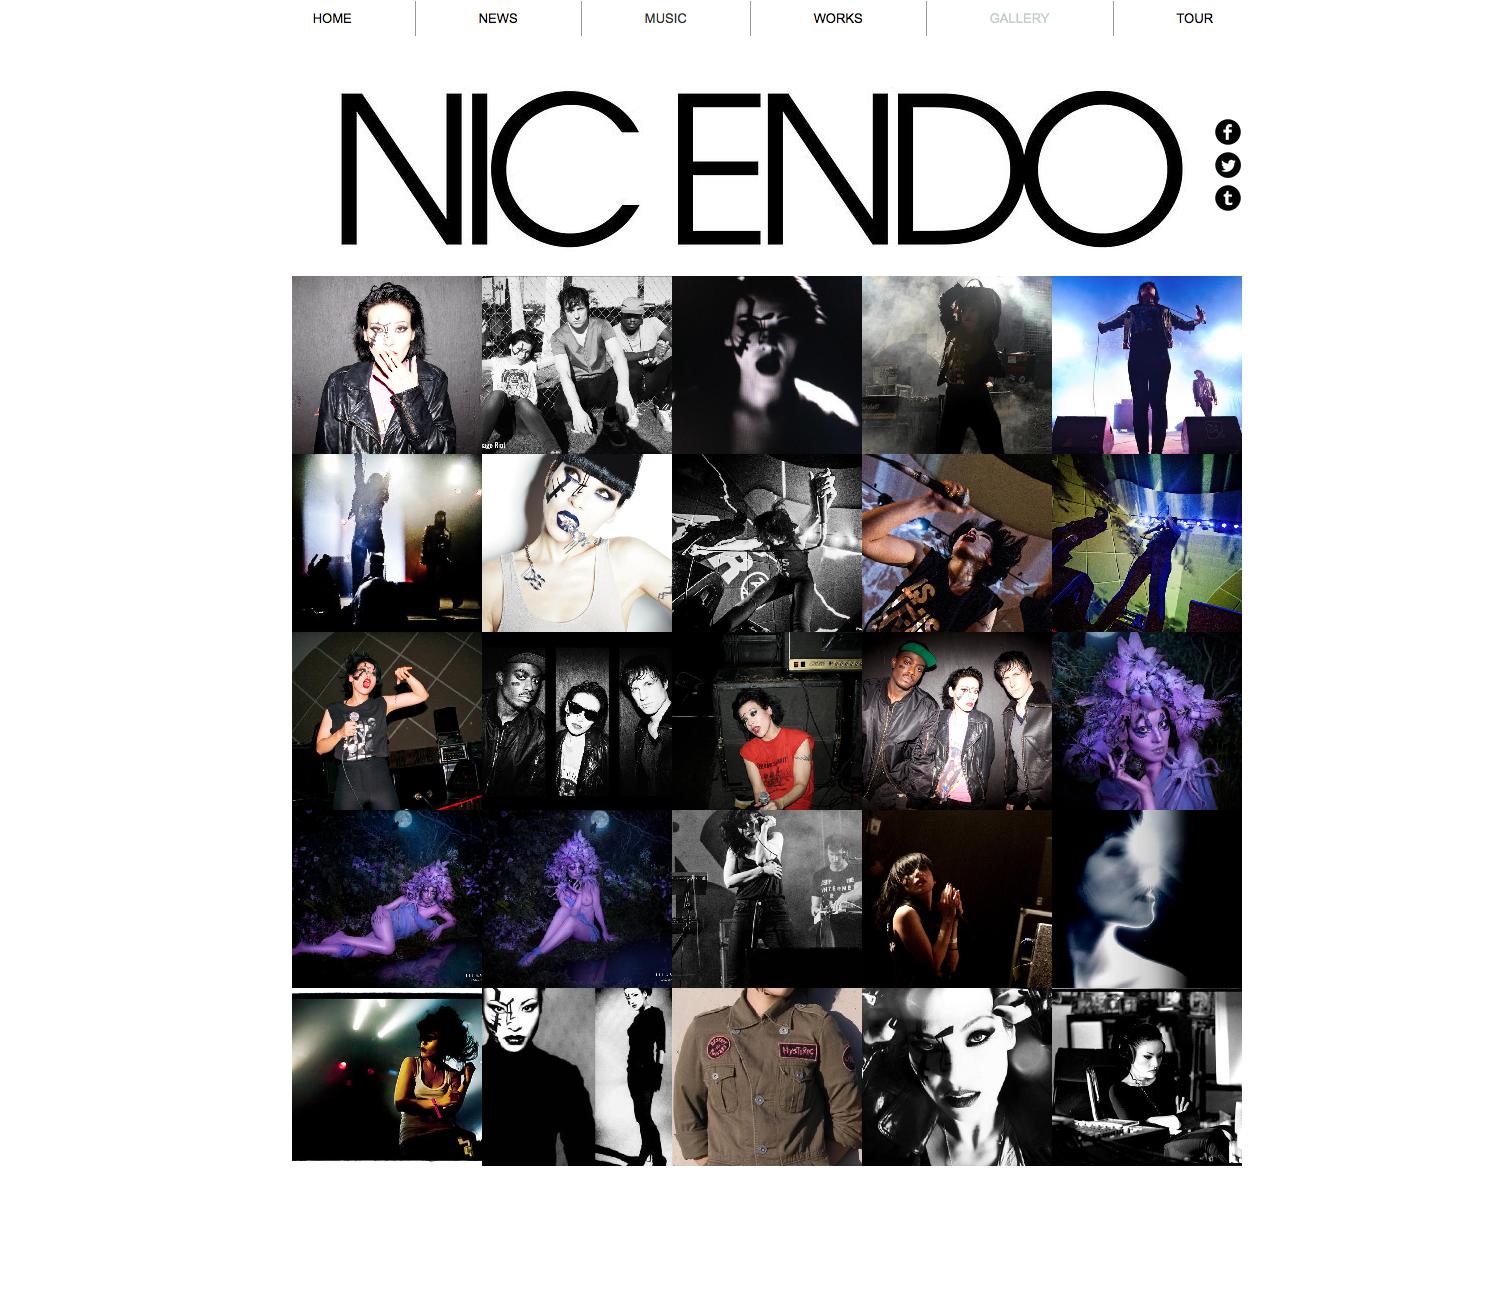 http://www.nicendo.com